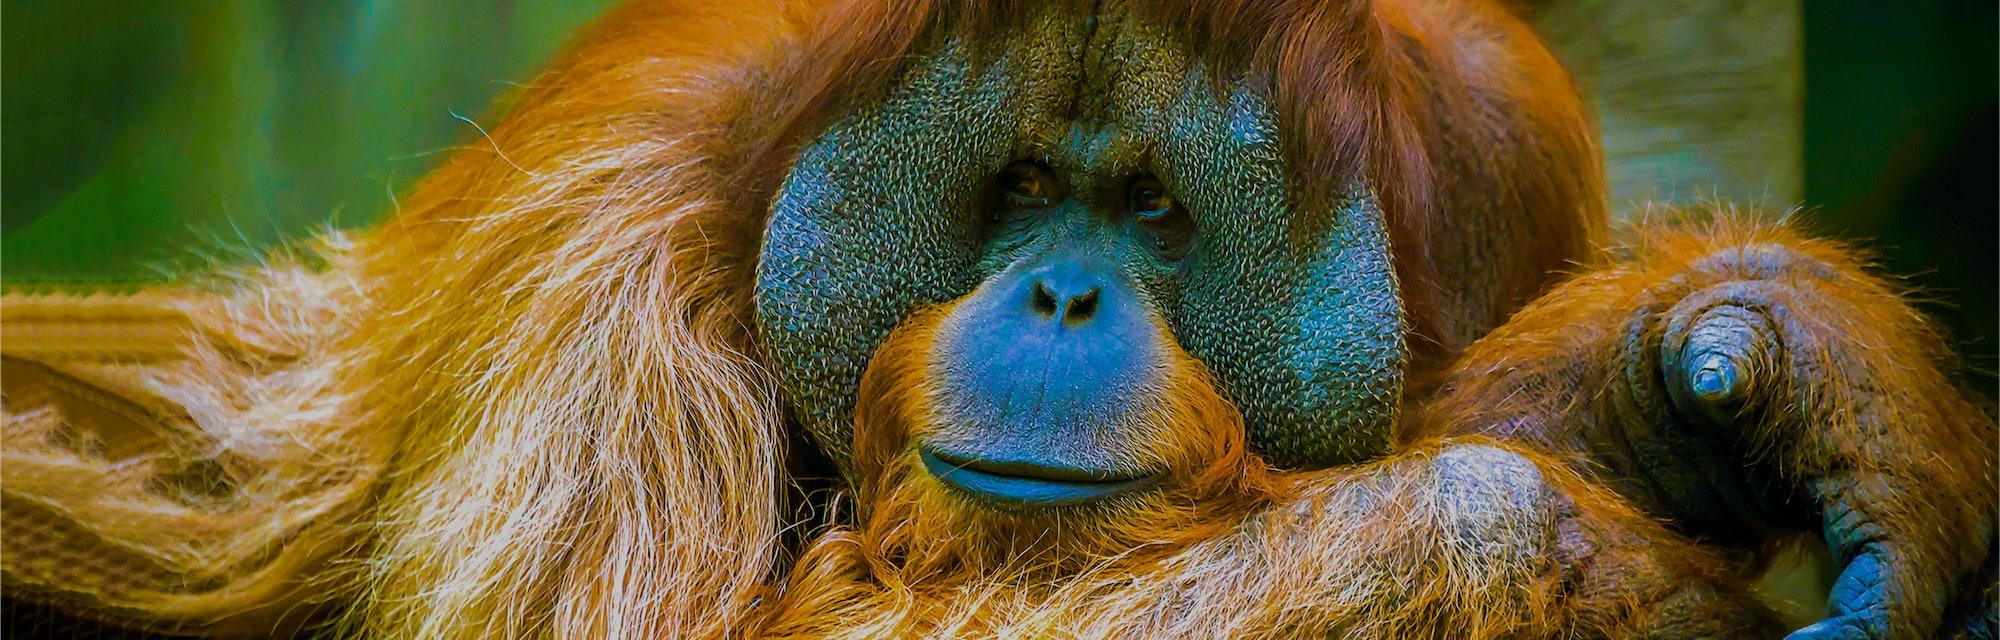 Orangutan portrait scene view. Orangutan in sadness